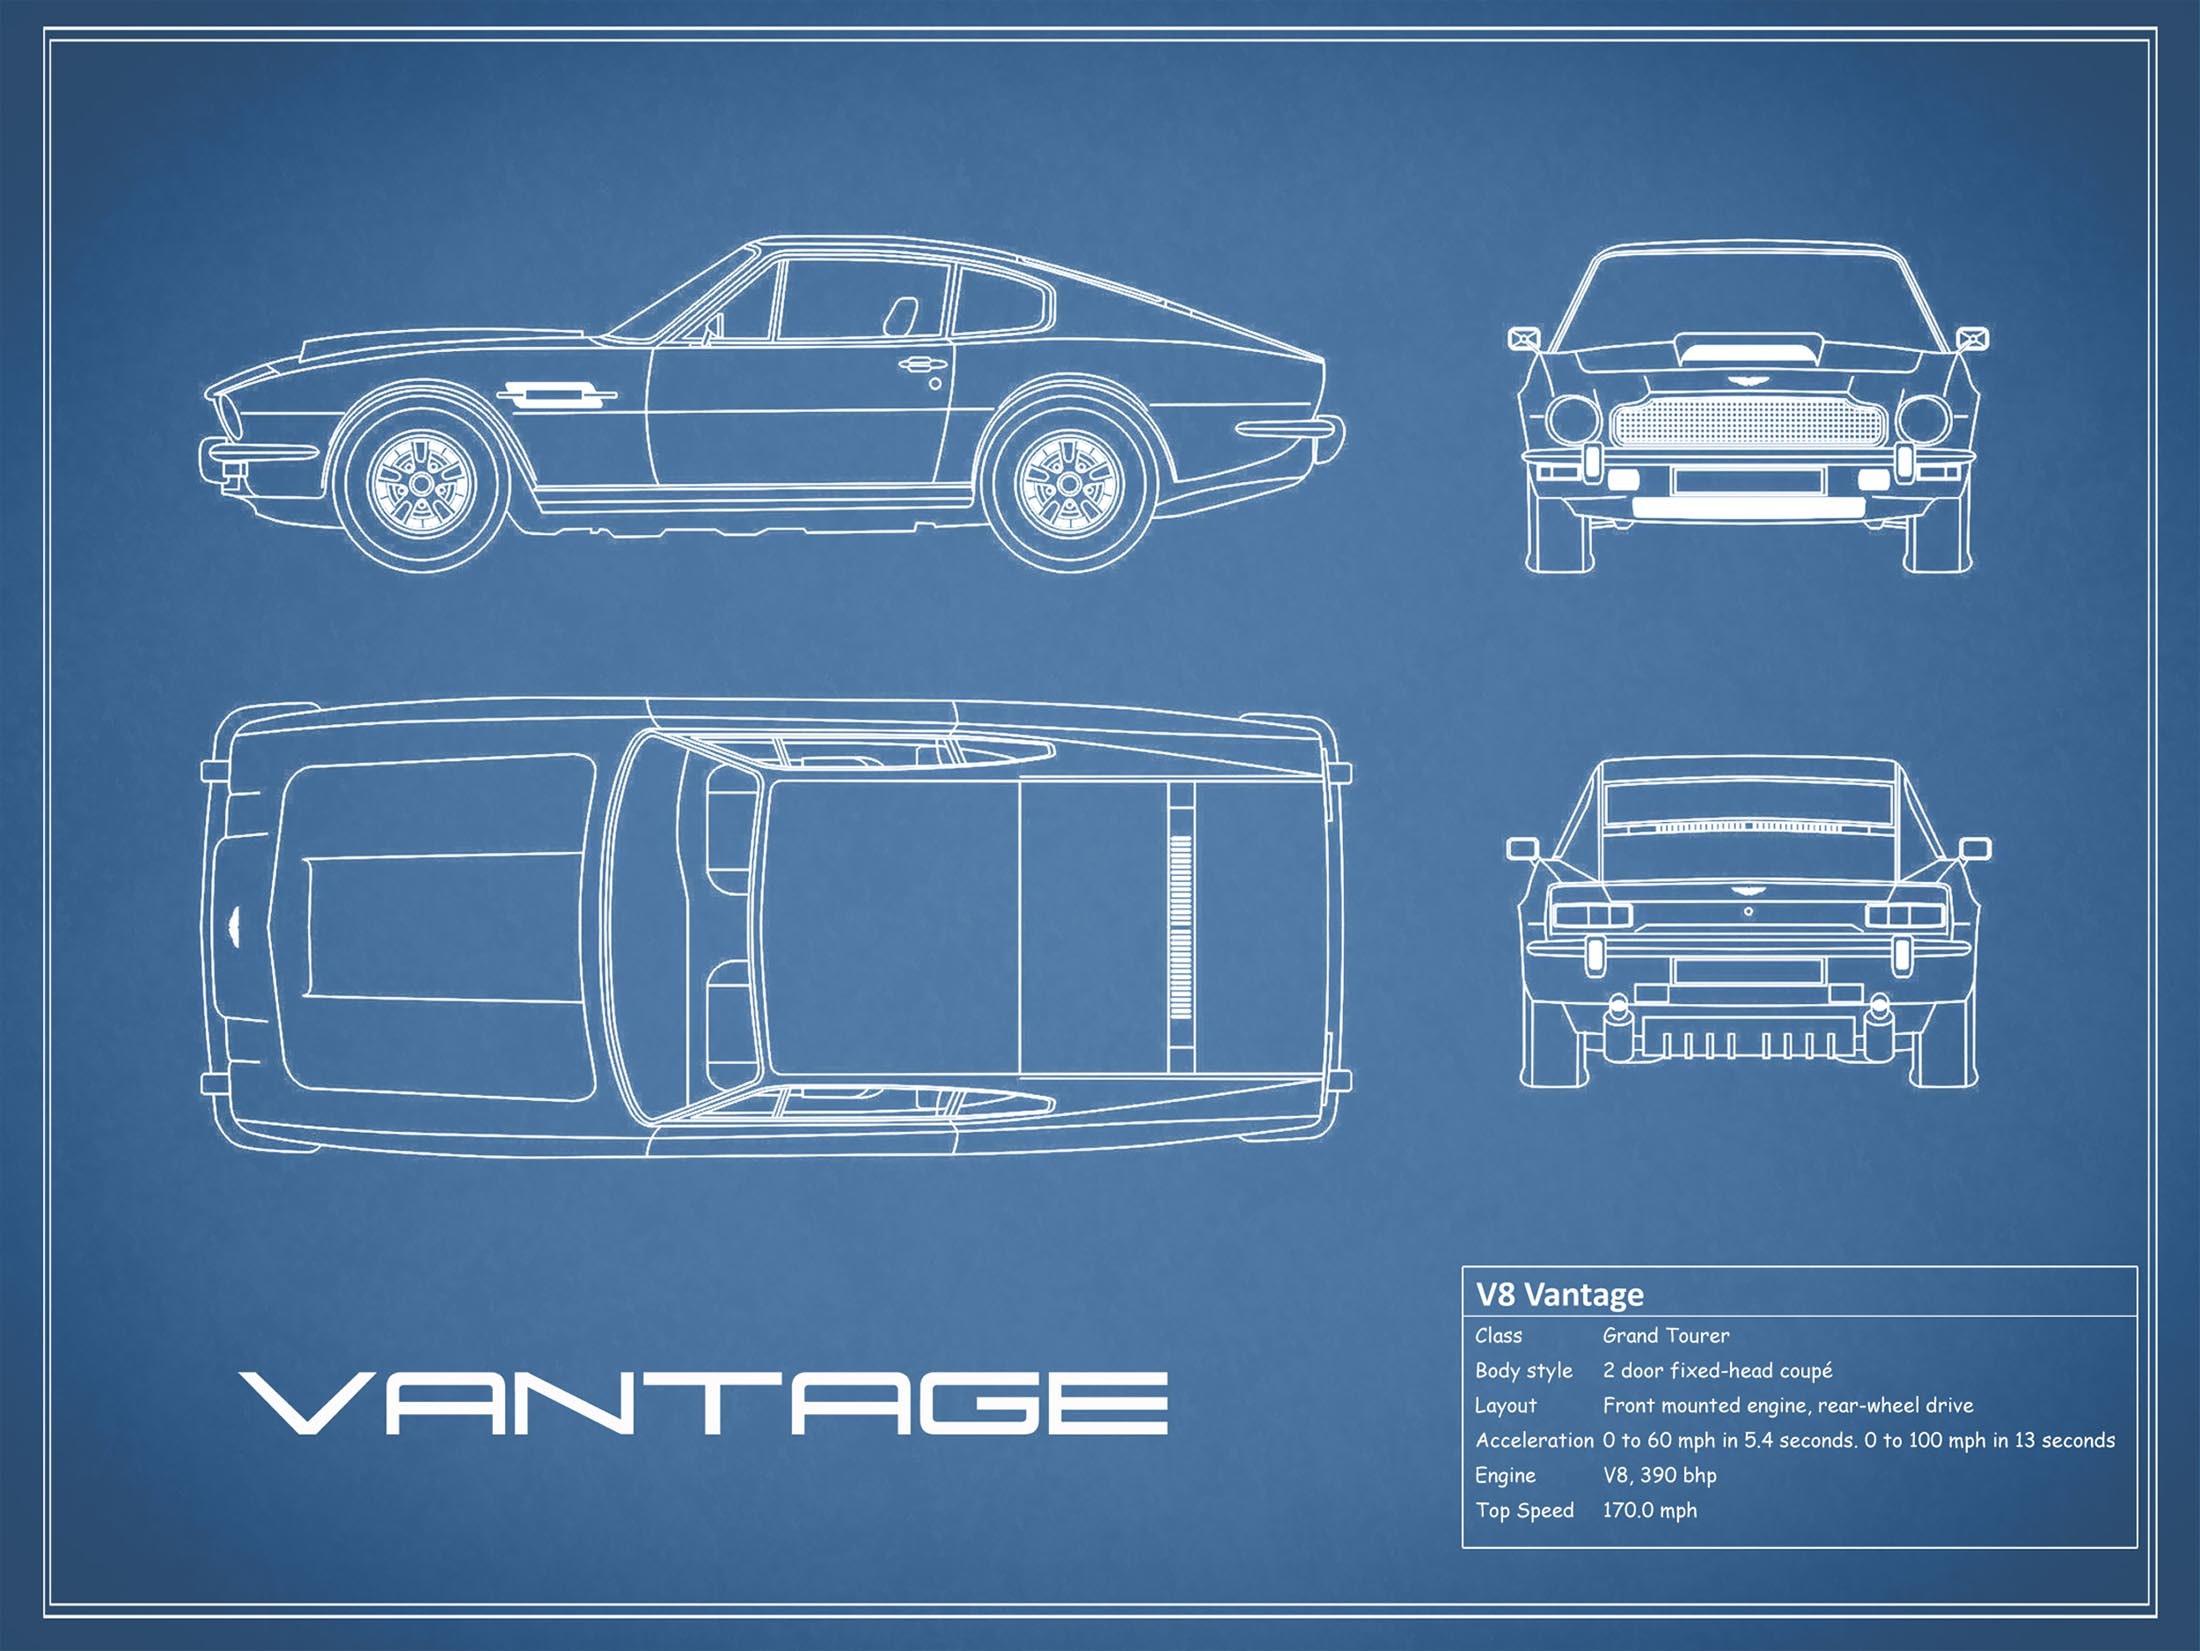 Aston Martin V8 Vantage - Blue